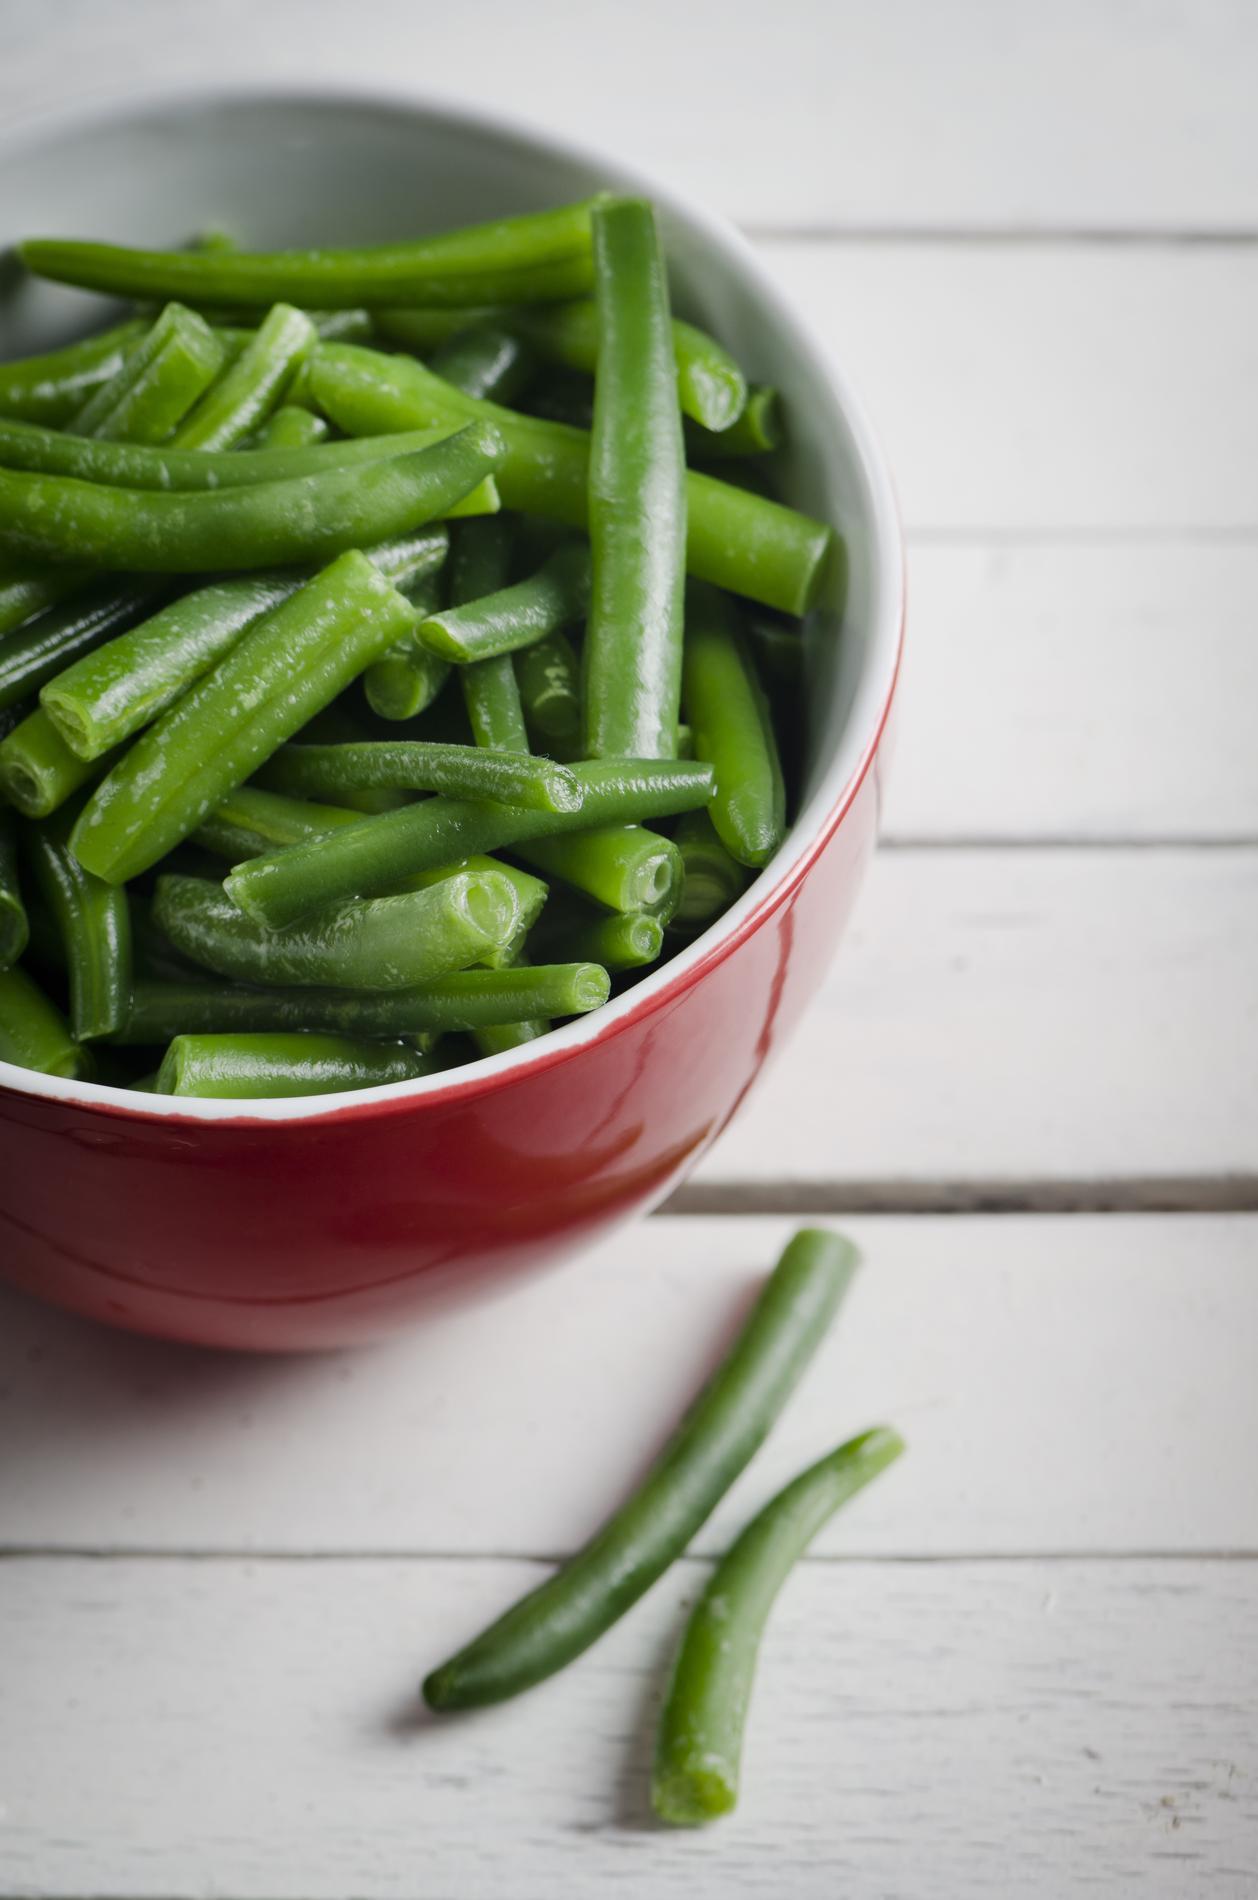 les astuces pour r ussir parfaitement la cuisson des haricots verts cuisine madame figaro. Black Bedroom Furniture Sets. Home Design Ideas